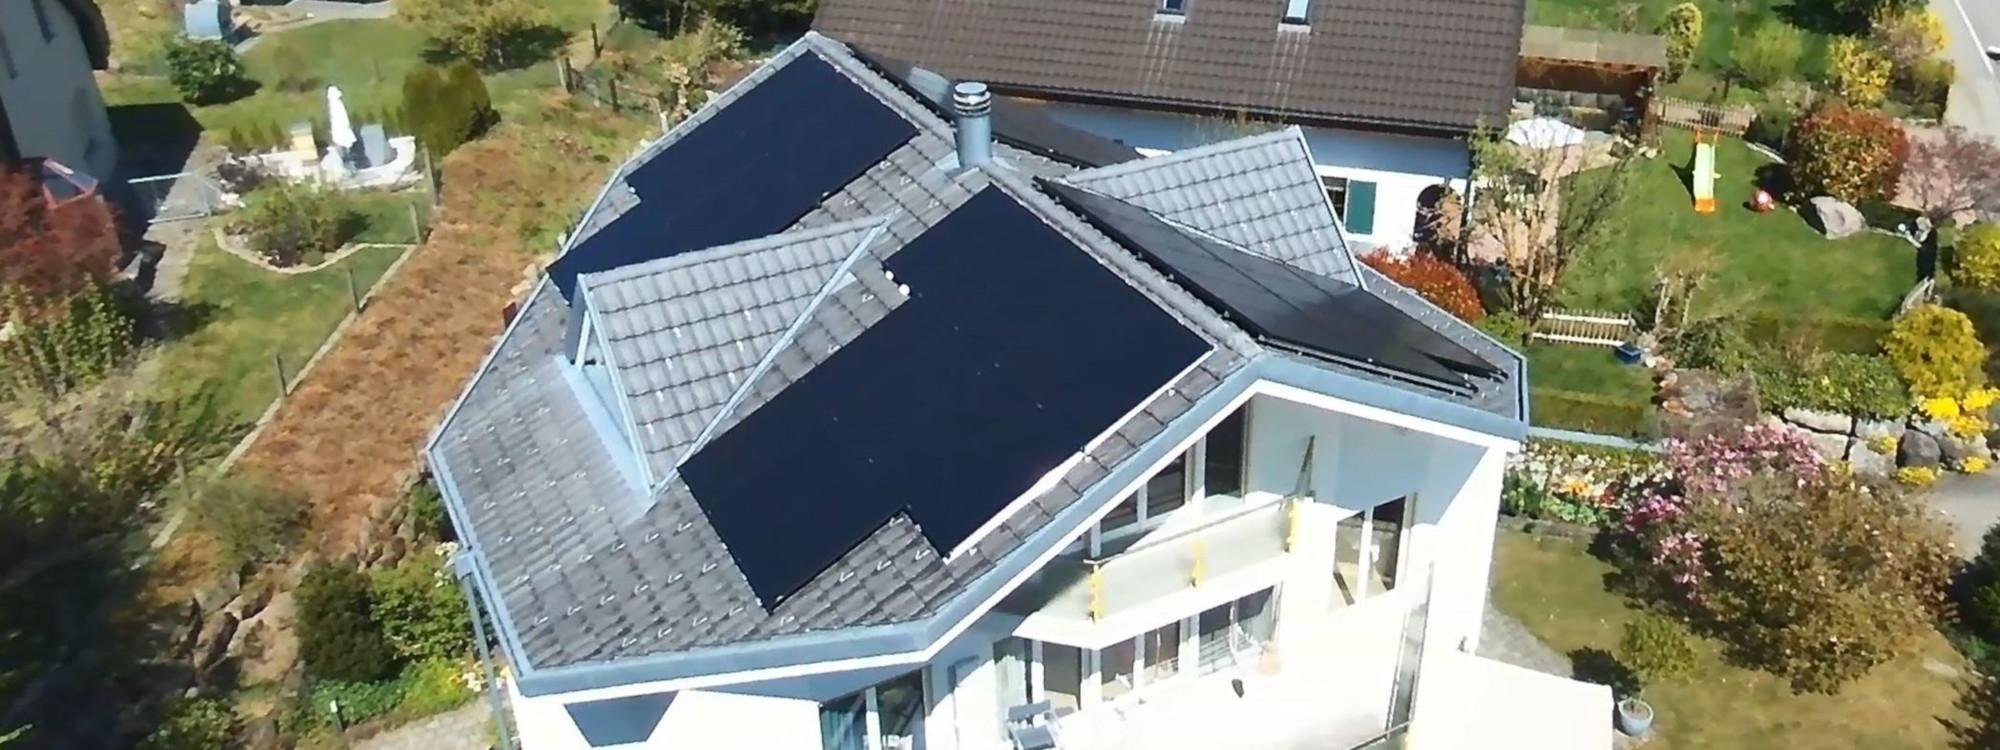 Aufdach Photovoltaikanlage auf einem Schrägdach